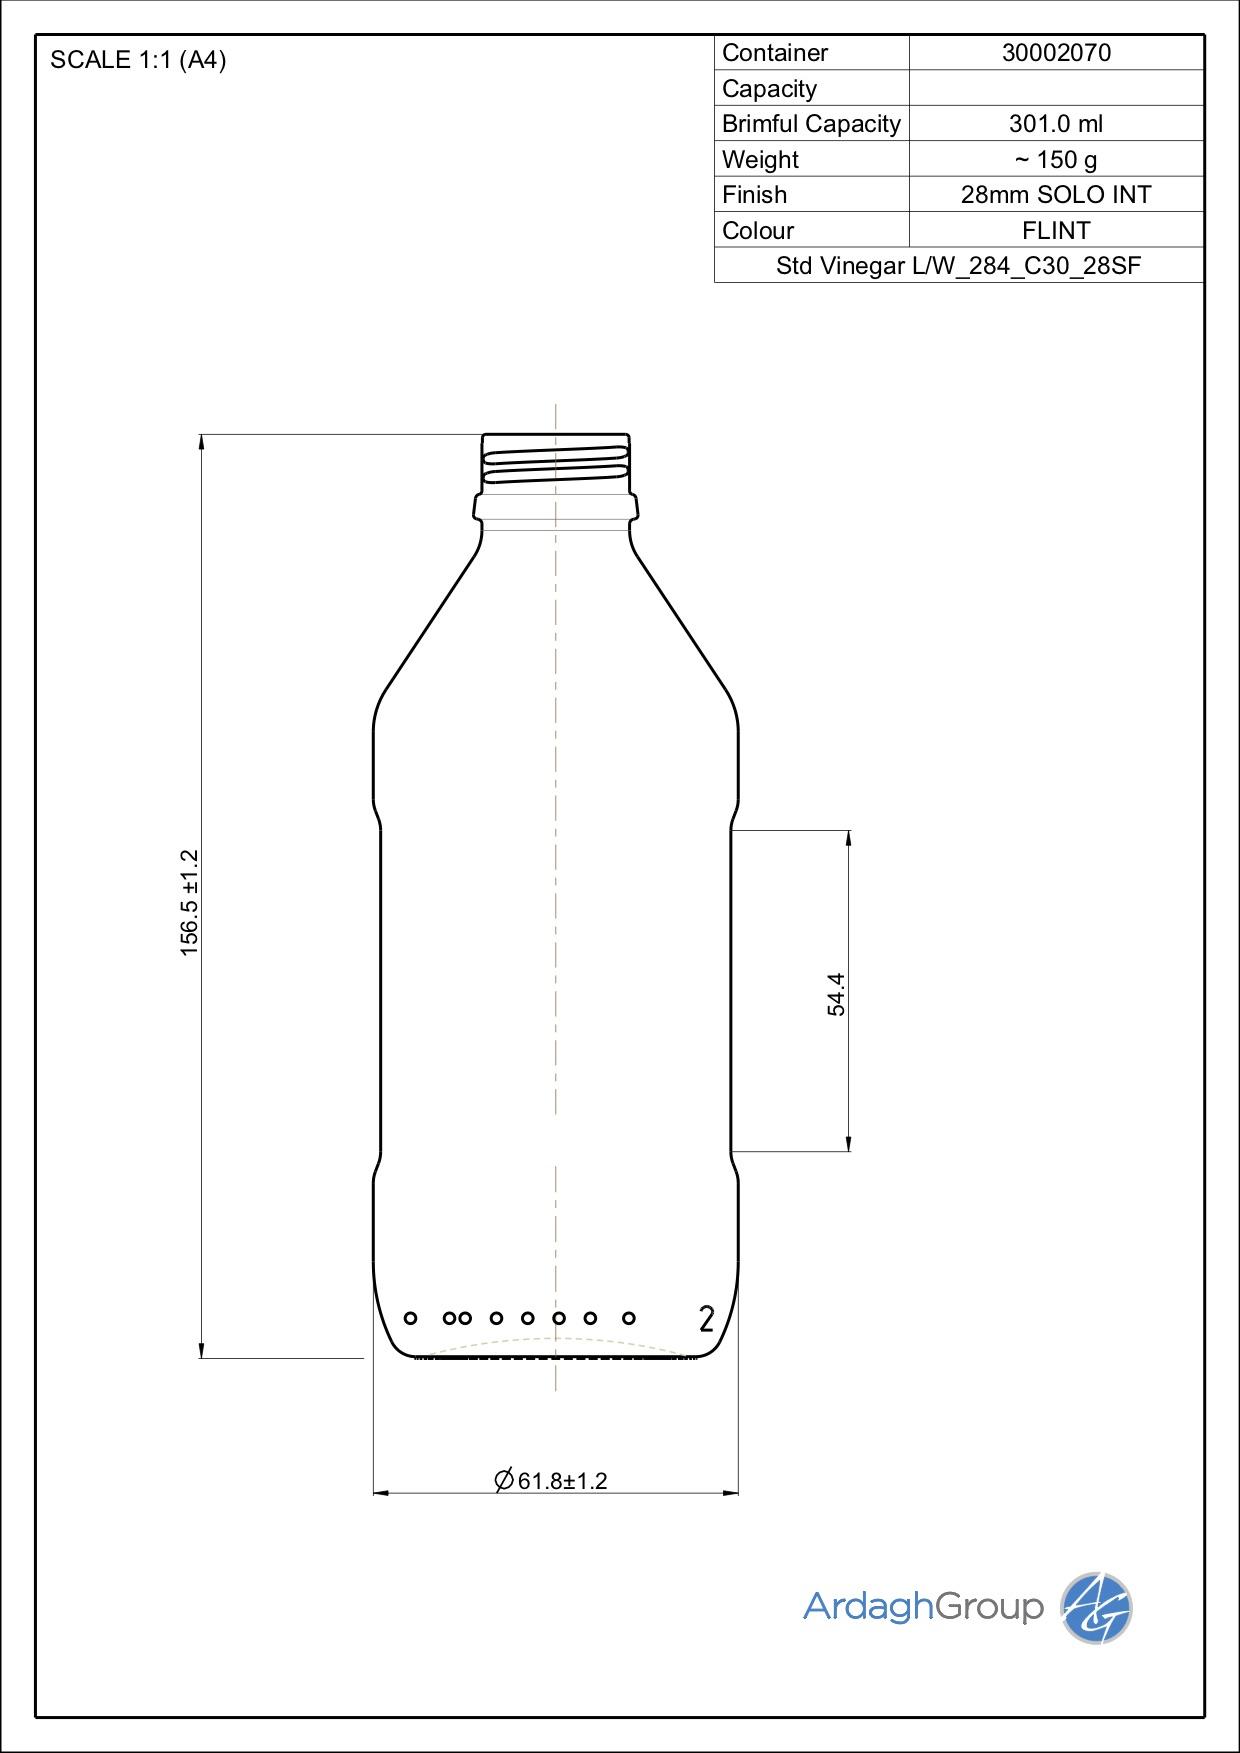 Std Vinegar L/W_284_C30_28SF